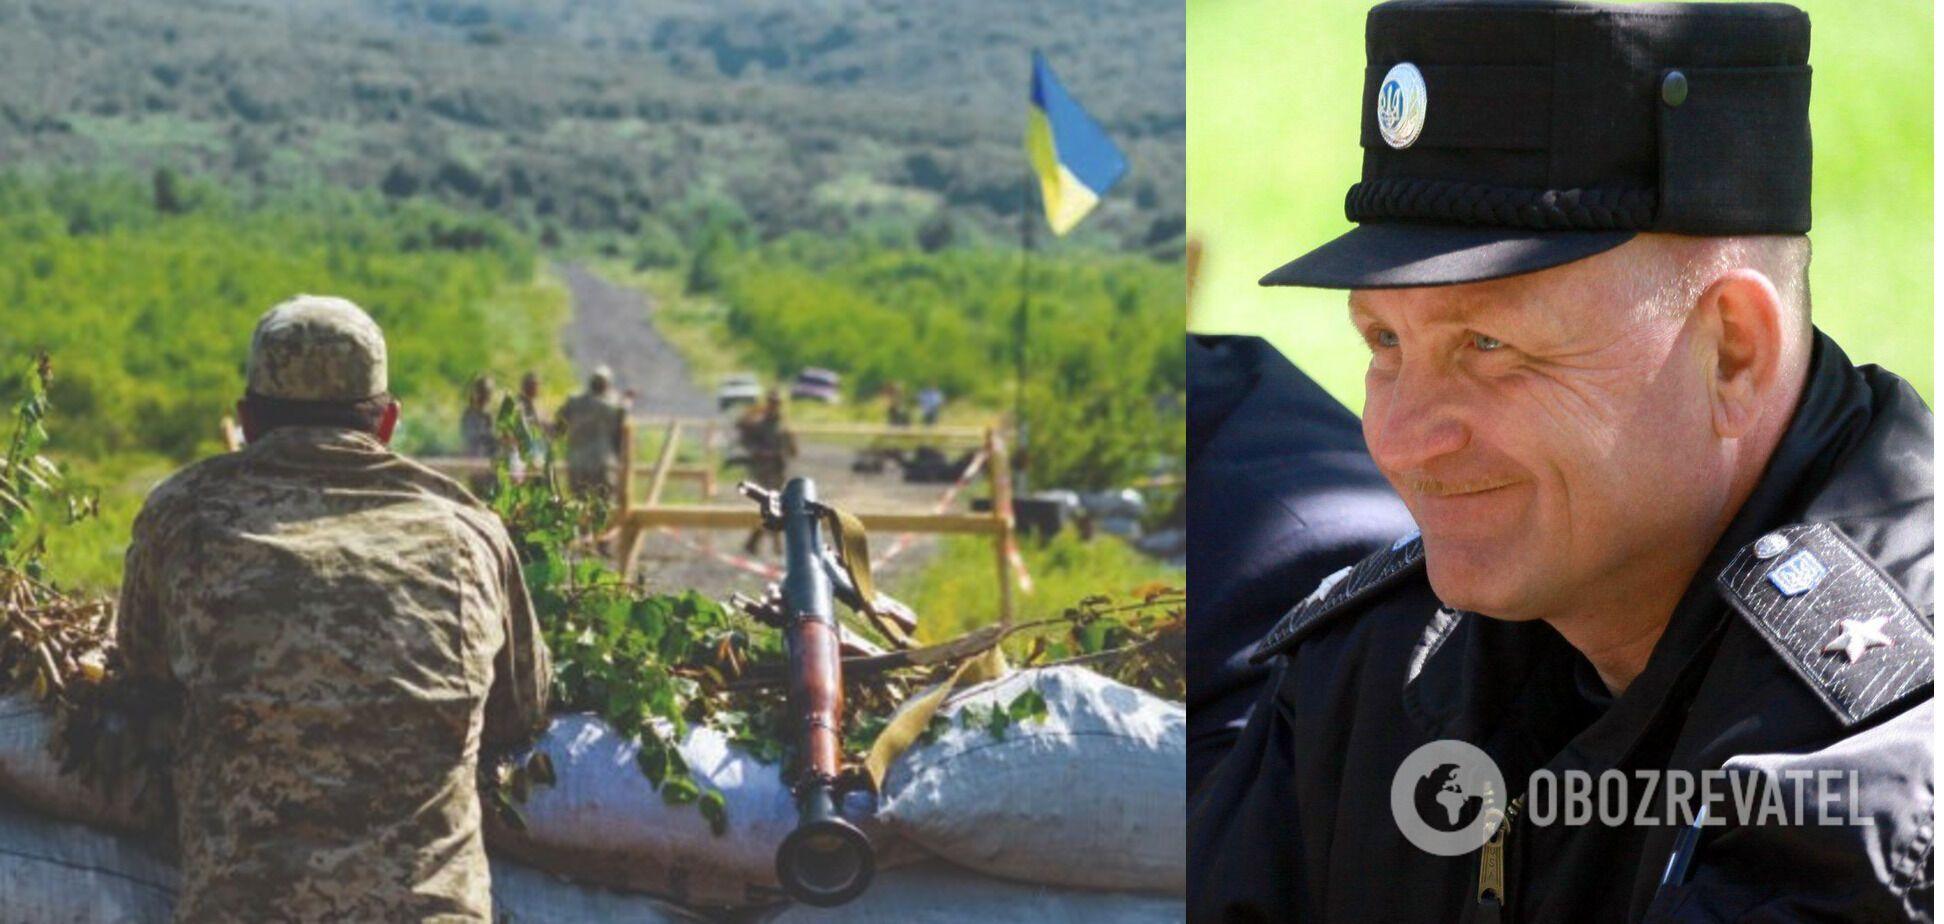 Сергій Кульчицький. Генерал із серцем солдата